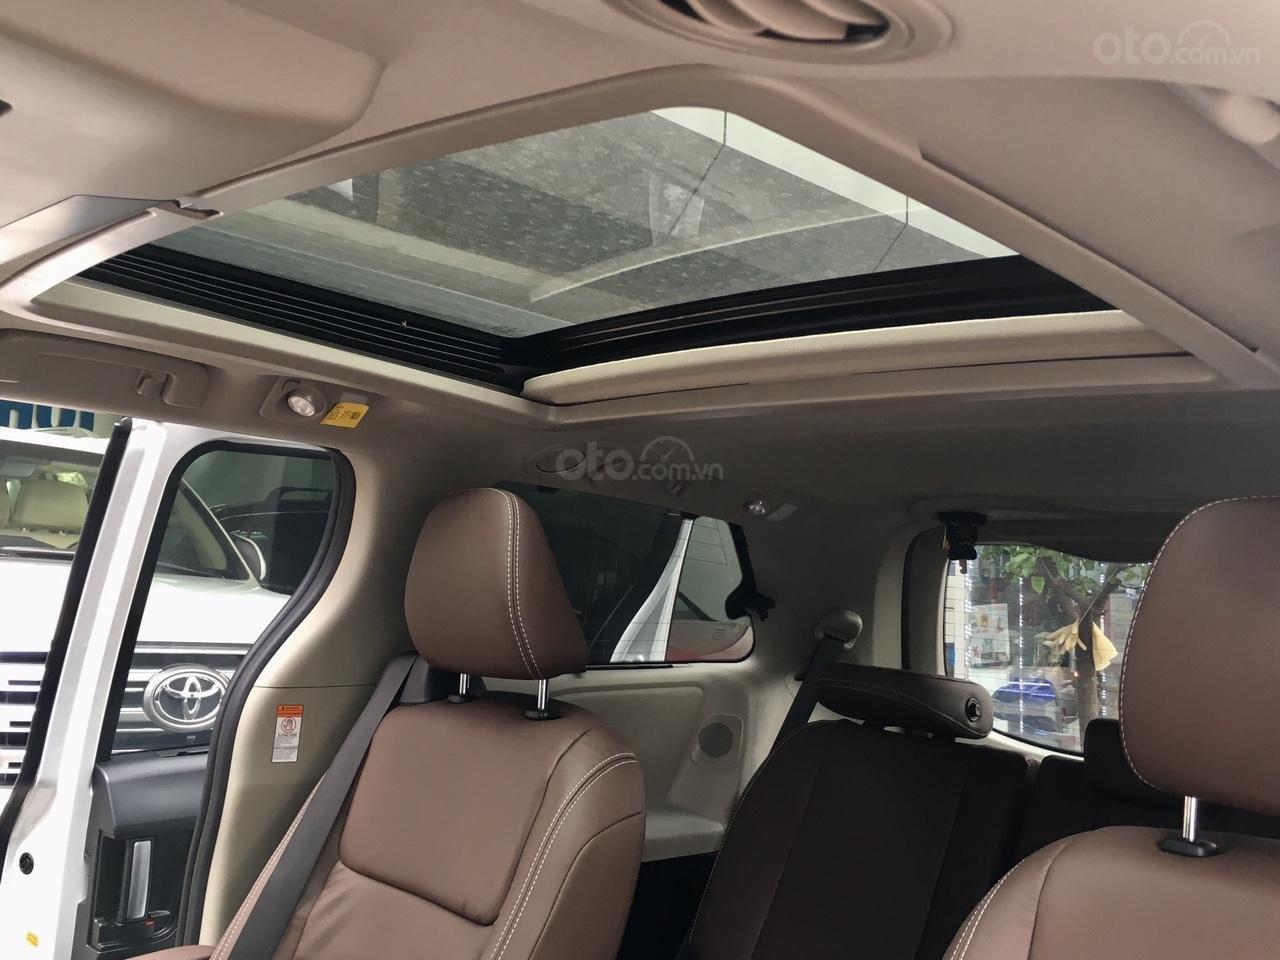 Bán Toyota Sienna Limited 2020 bản 1 cầu, giá tốt, nhập Mỹ giao ngay toàn quốc- LH 0945.39.2468 Ms Hương (11)